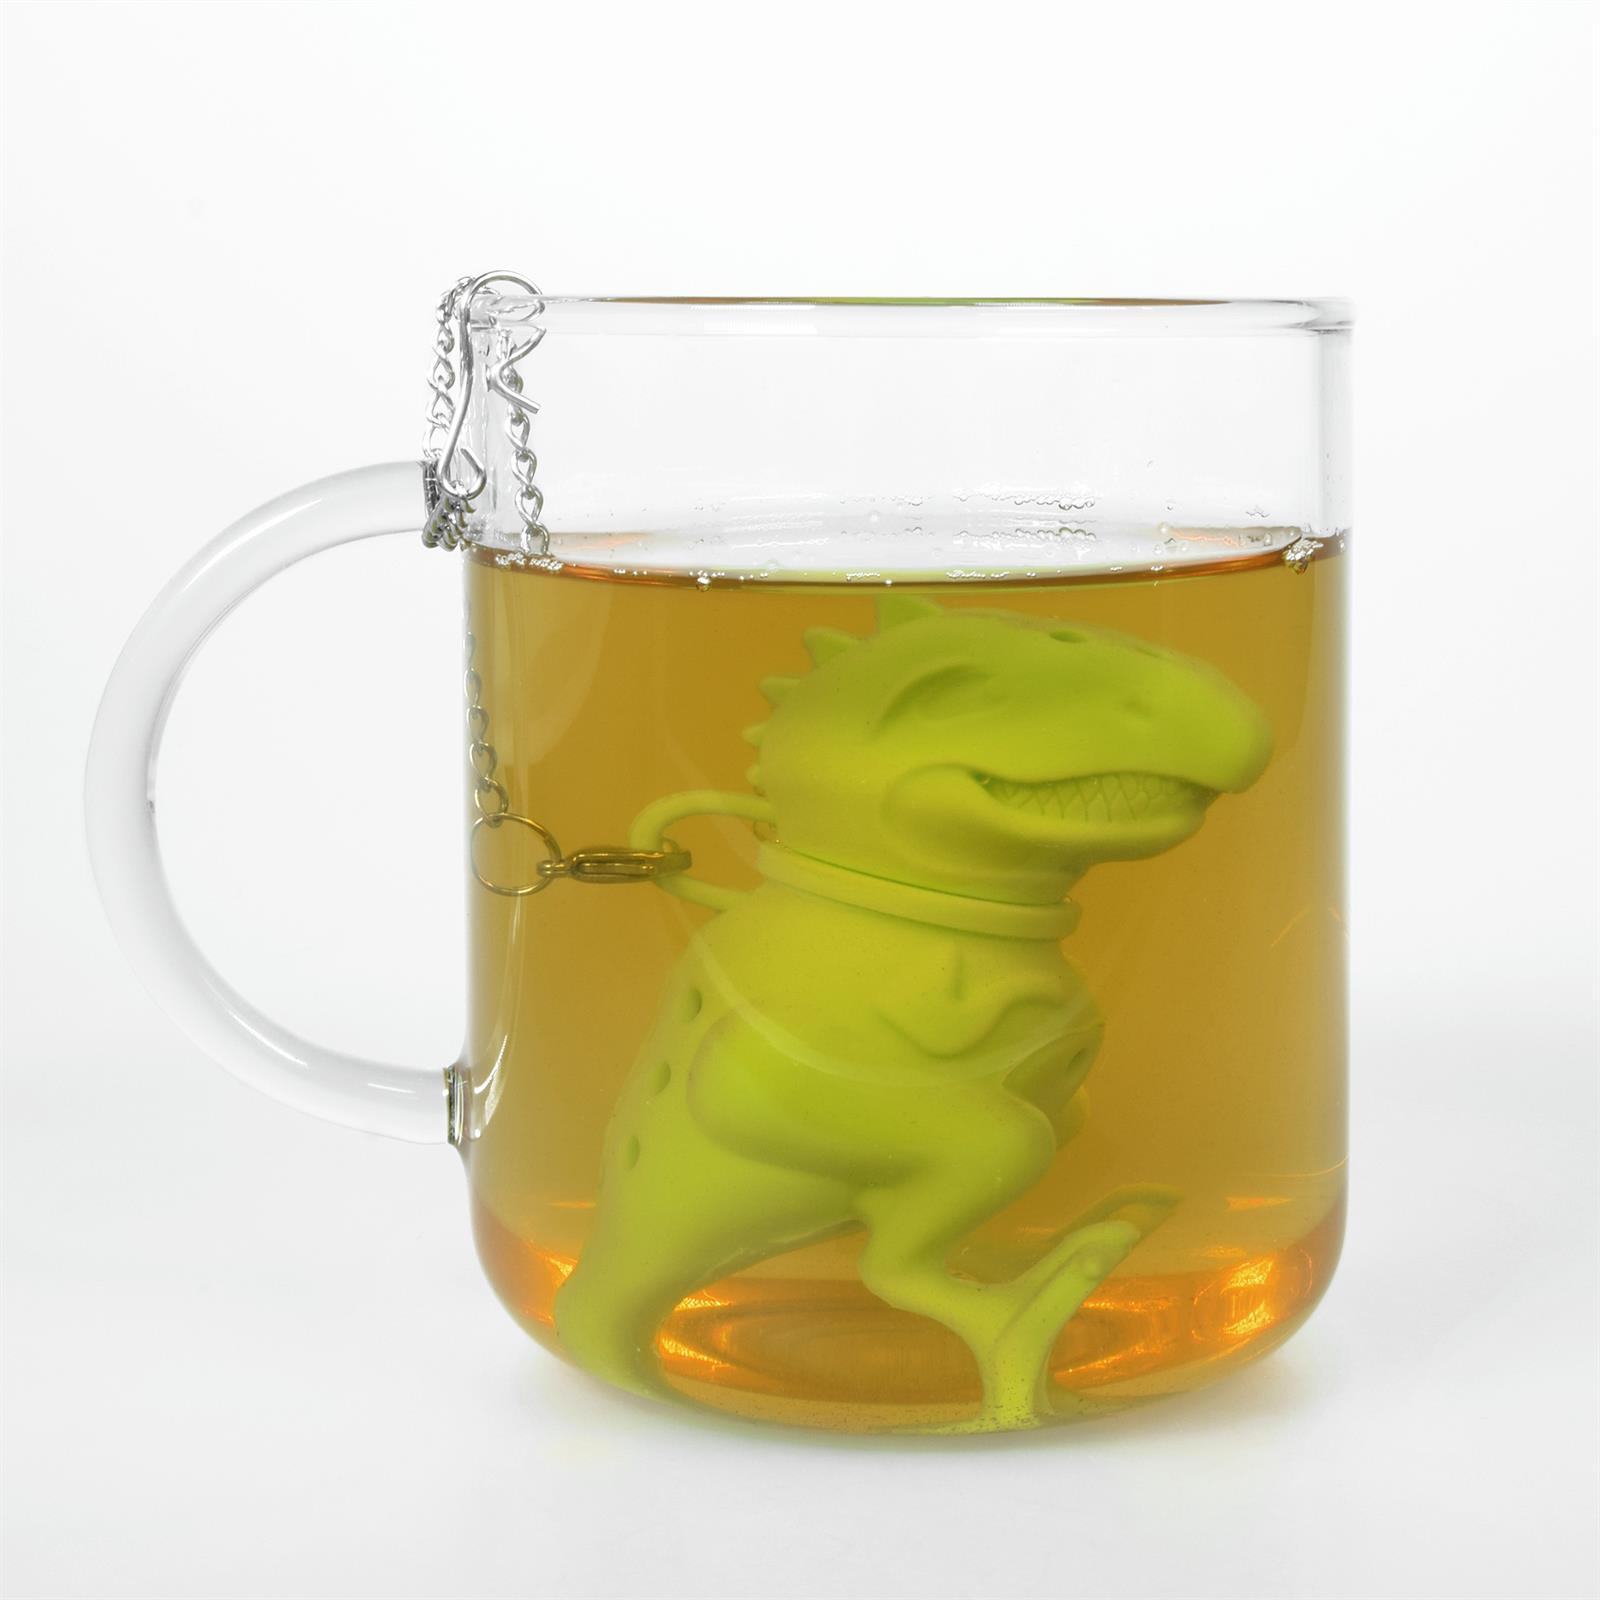 Lustiges niedliches buntes Silikon Tee Ei Sieb Kugel Filter Ball Figur loser Tee 9